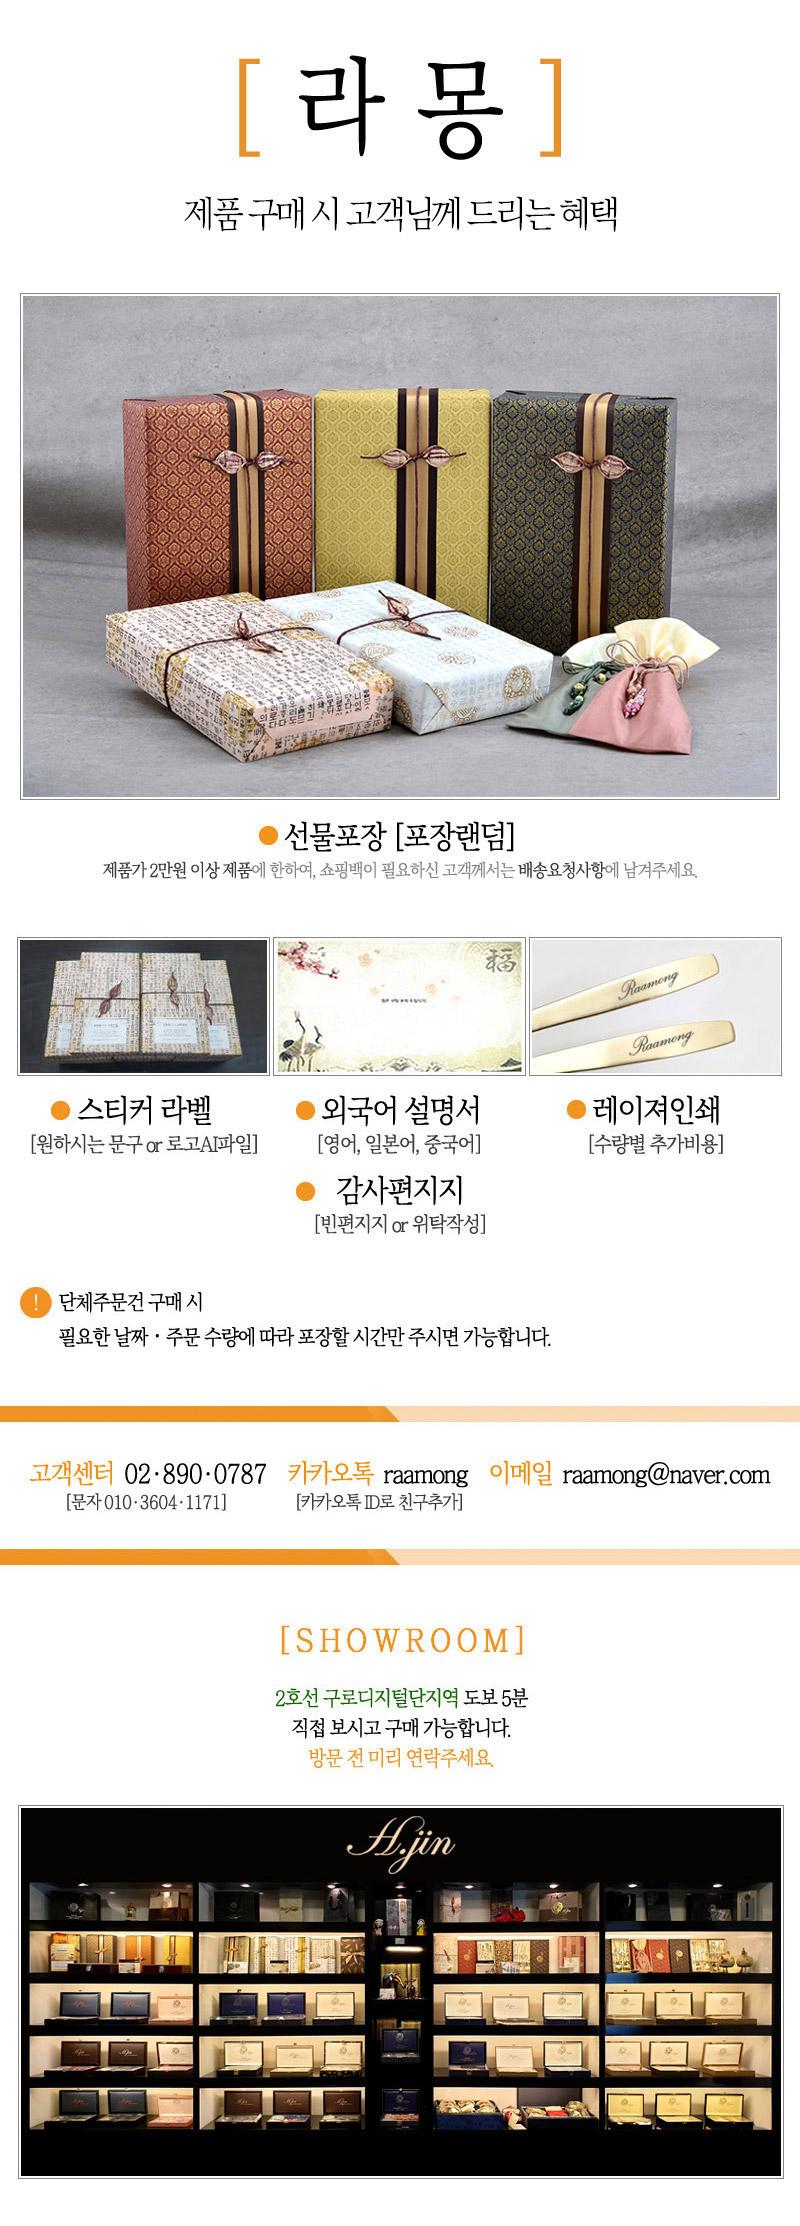 H.jin 장수학금부은수저세트 - 현진통상, 237,600원, 숟가락/젓가락/스틱, 숟가락/젓가락 세트